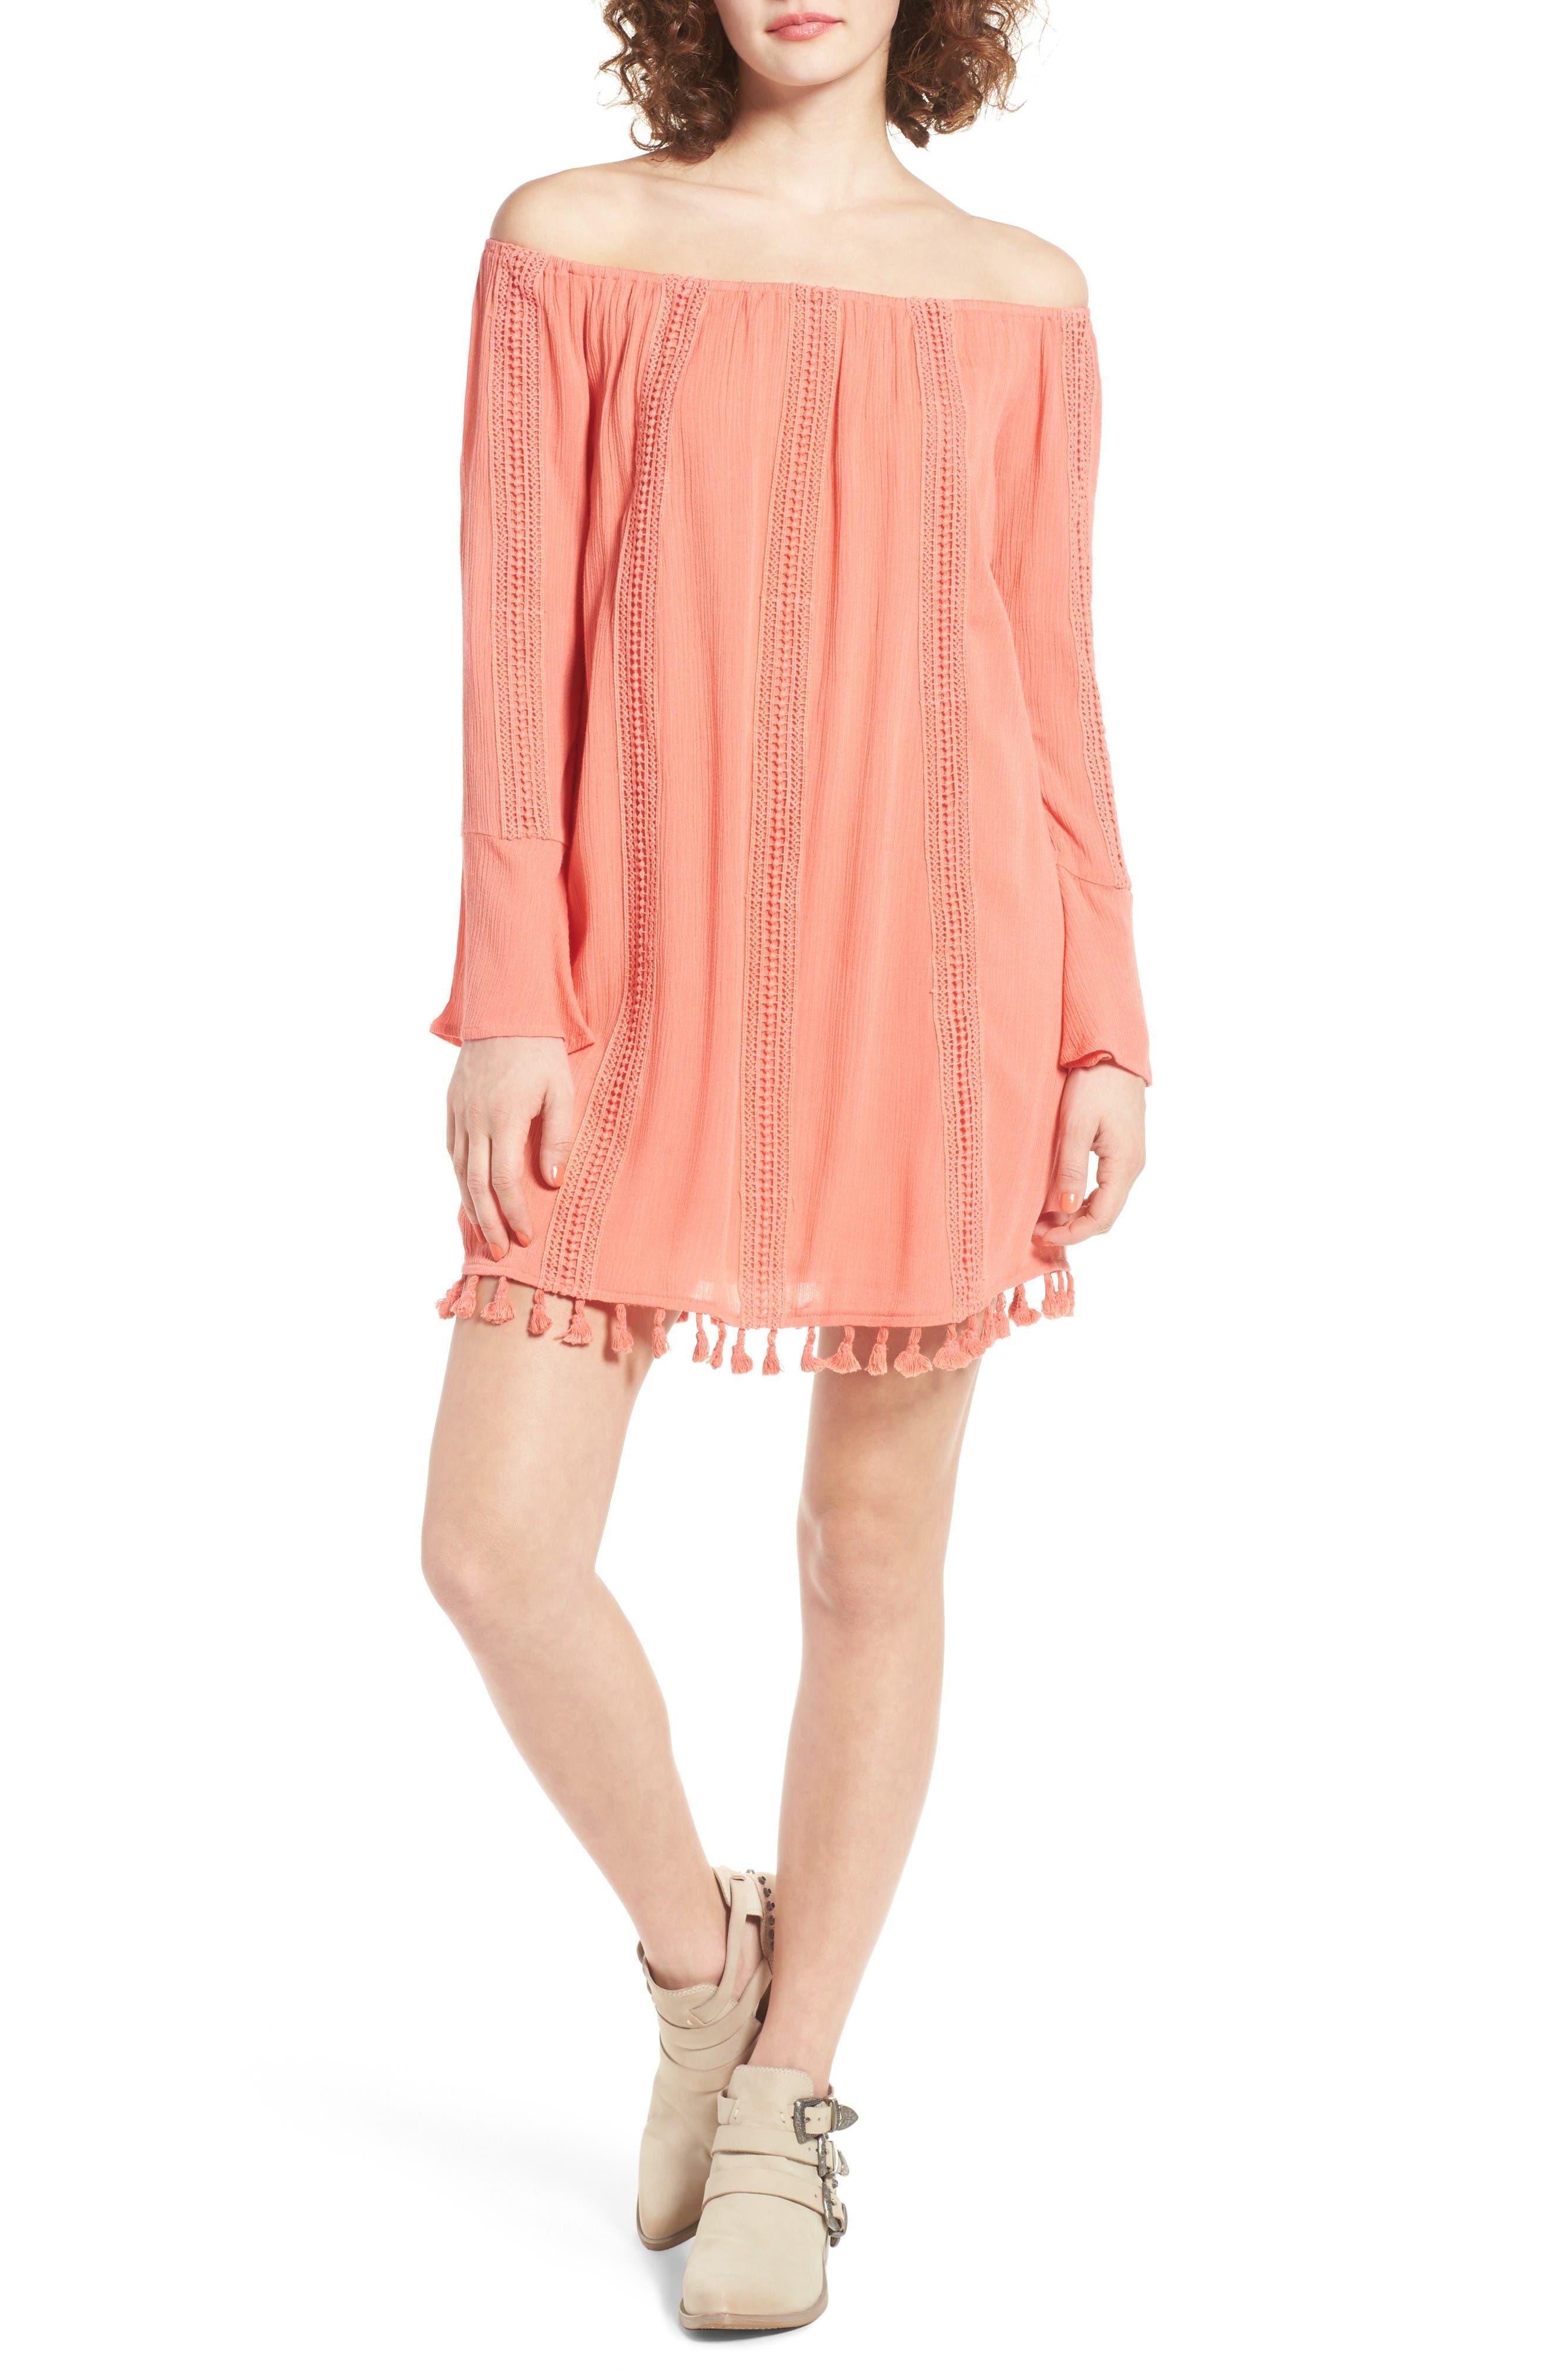 Alternate Image 1 Selected - Dee Elly Tassel Trim Off the Shoulder Dress